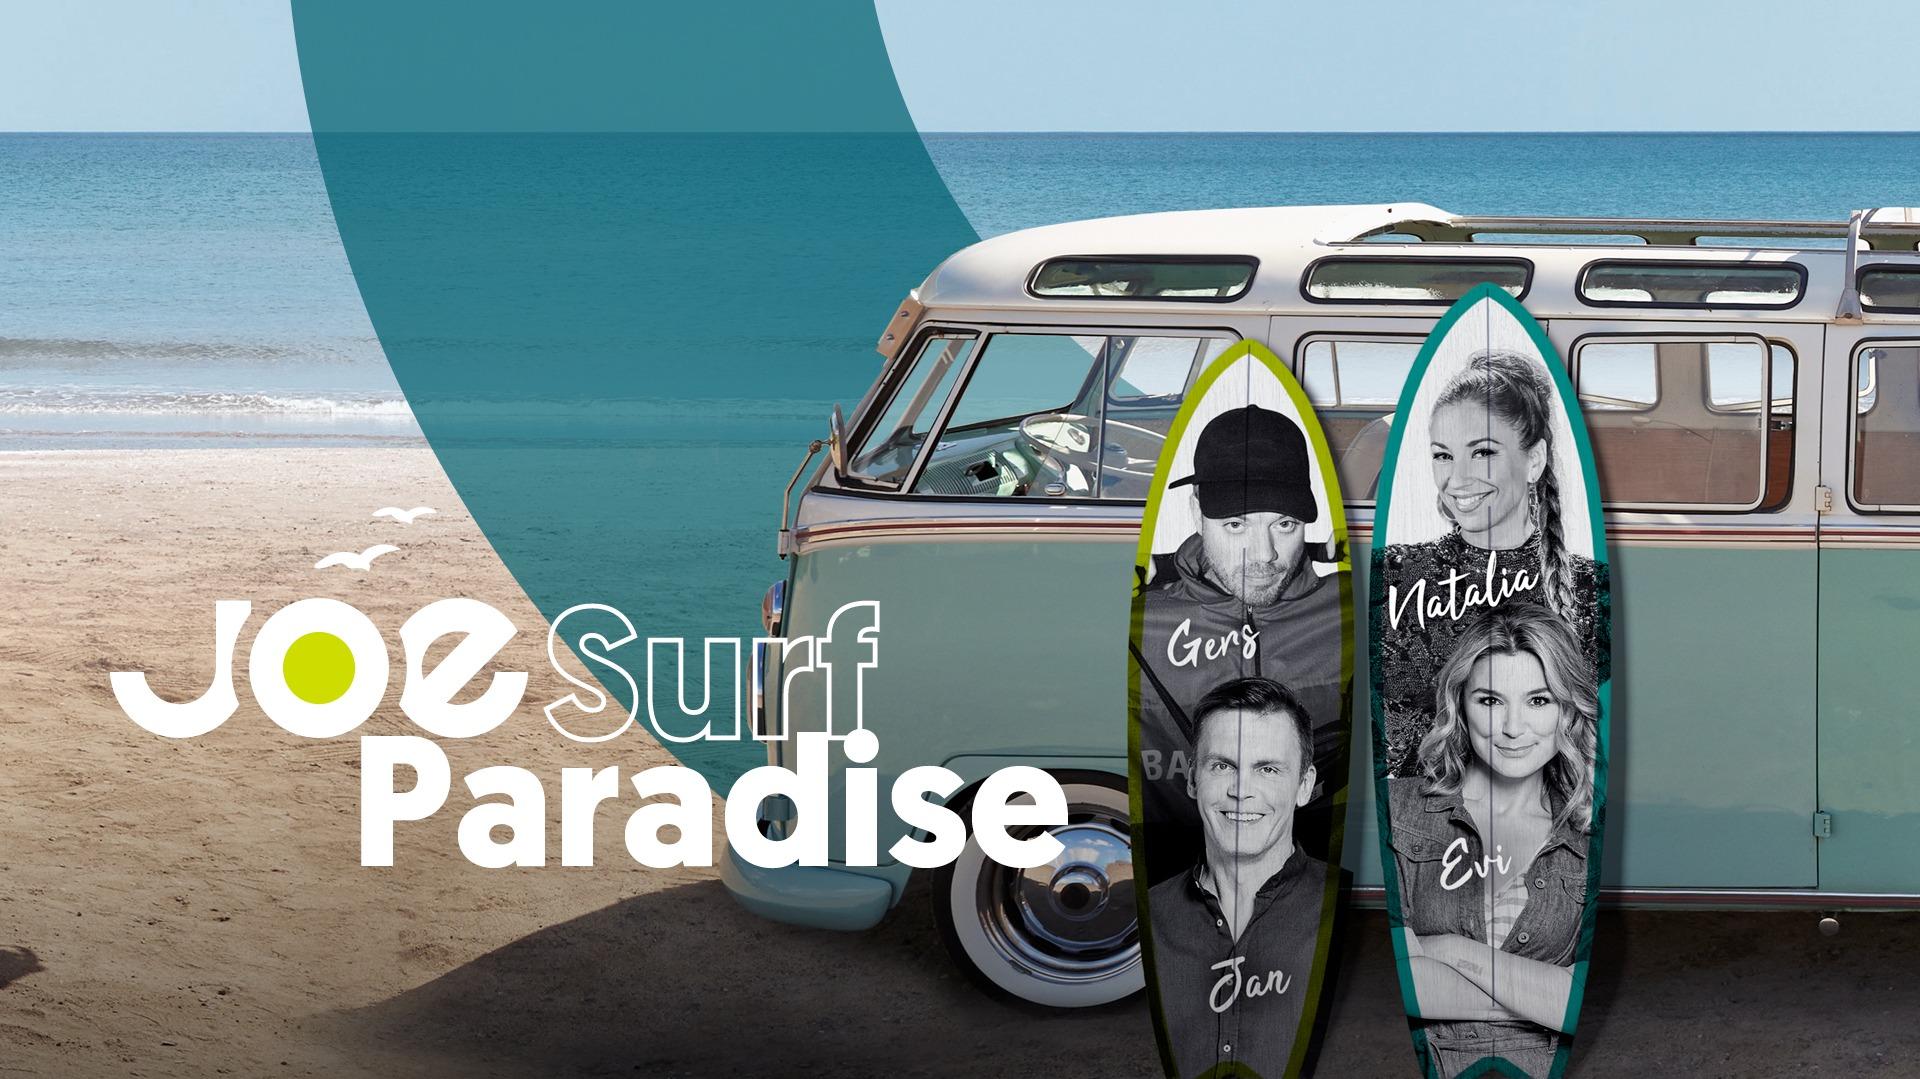 Joe surf 1 1920x1080